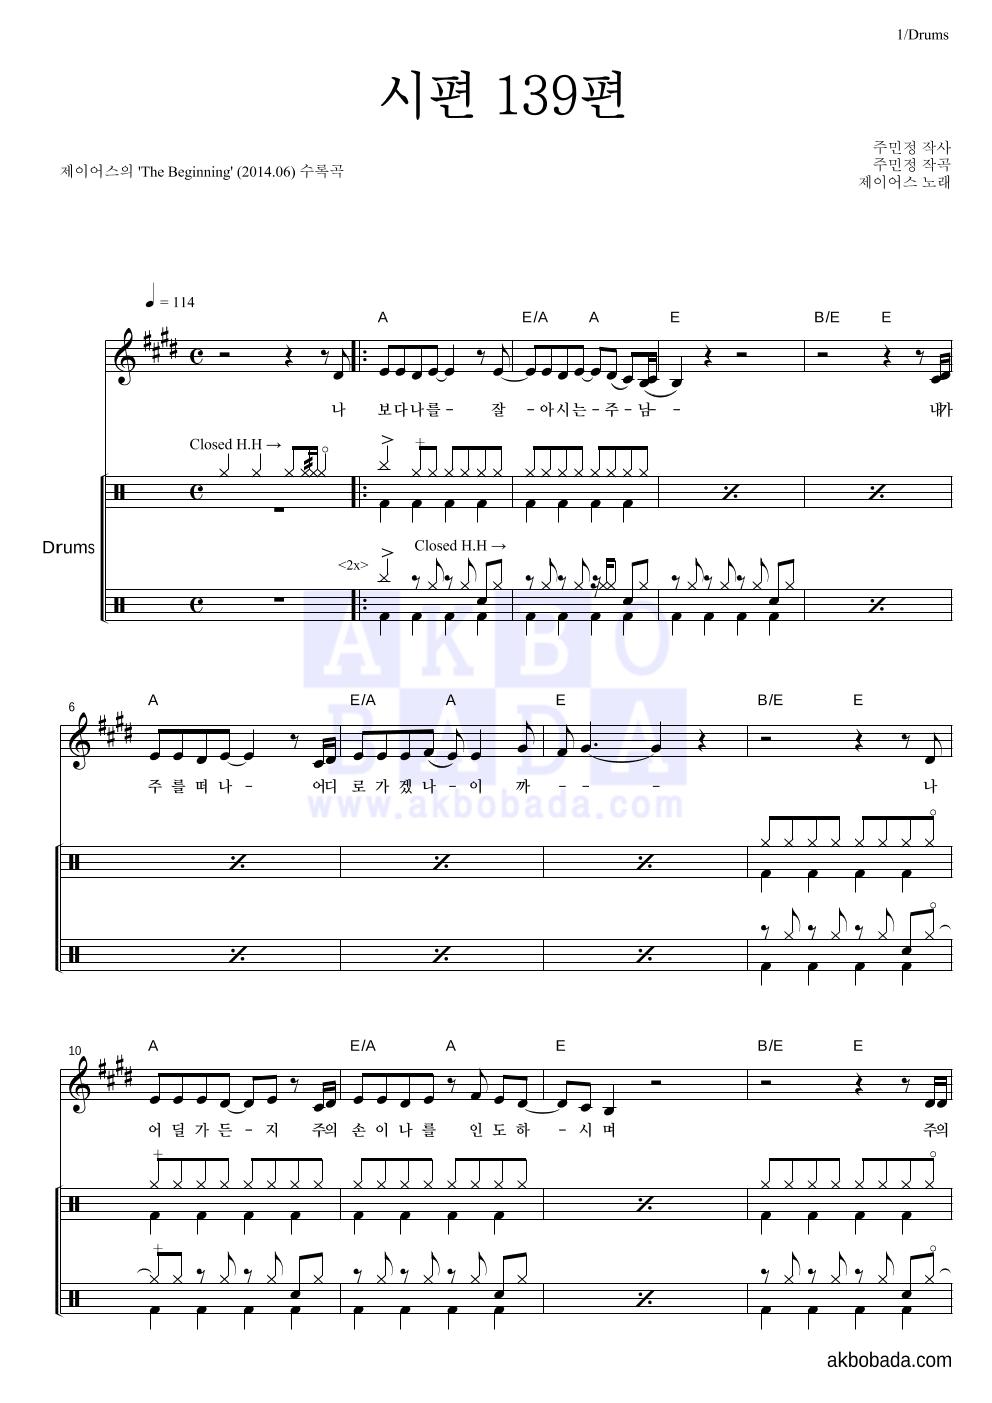 제이어스 - 시편 139편 드럼 악보